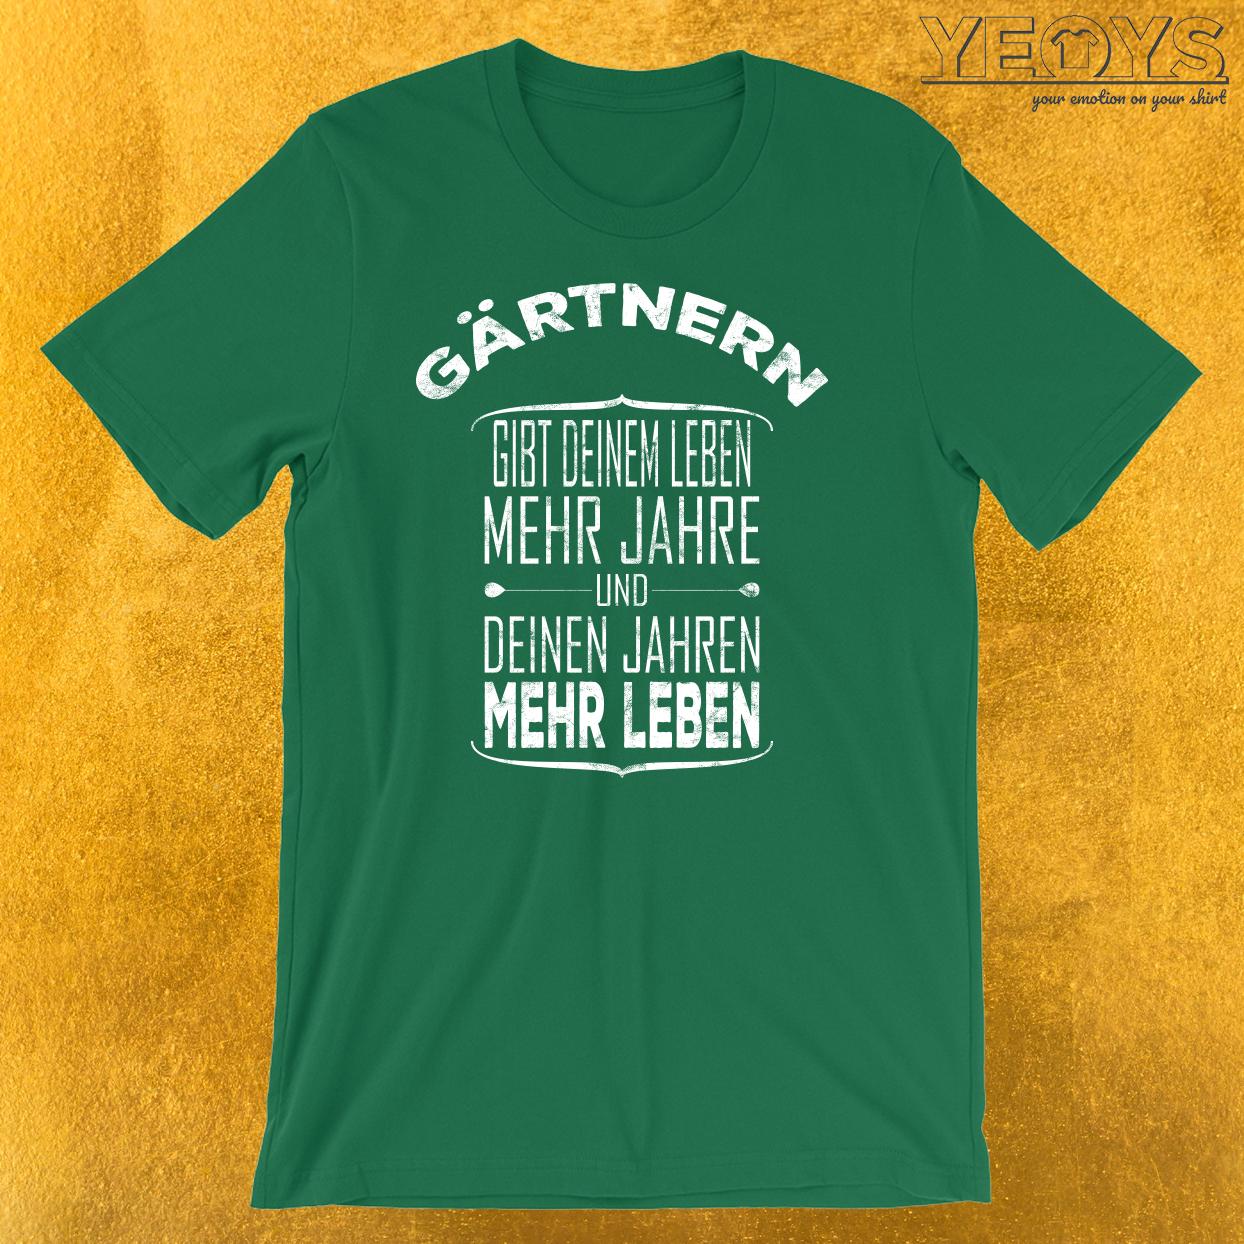 Gärtnern gibt deinem Leben mehr Jahre T-Shirt